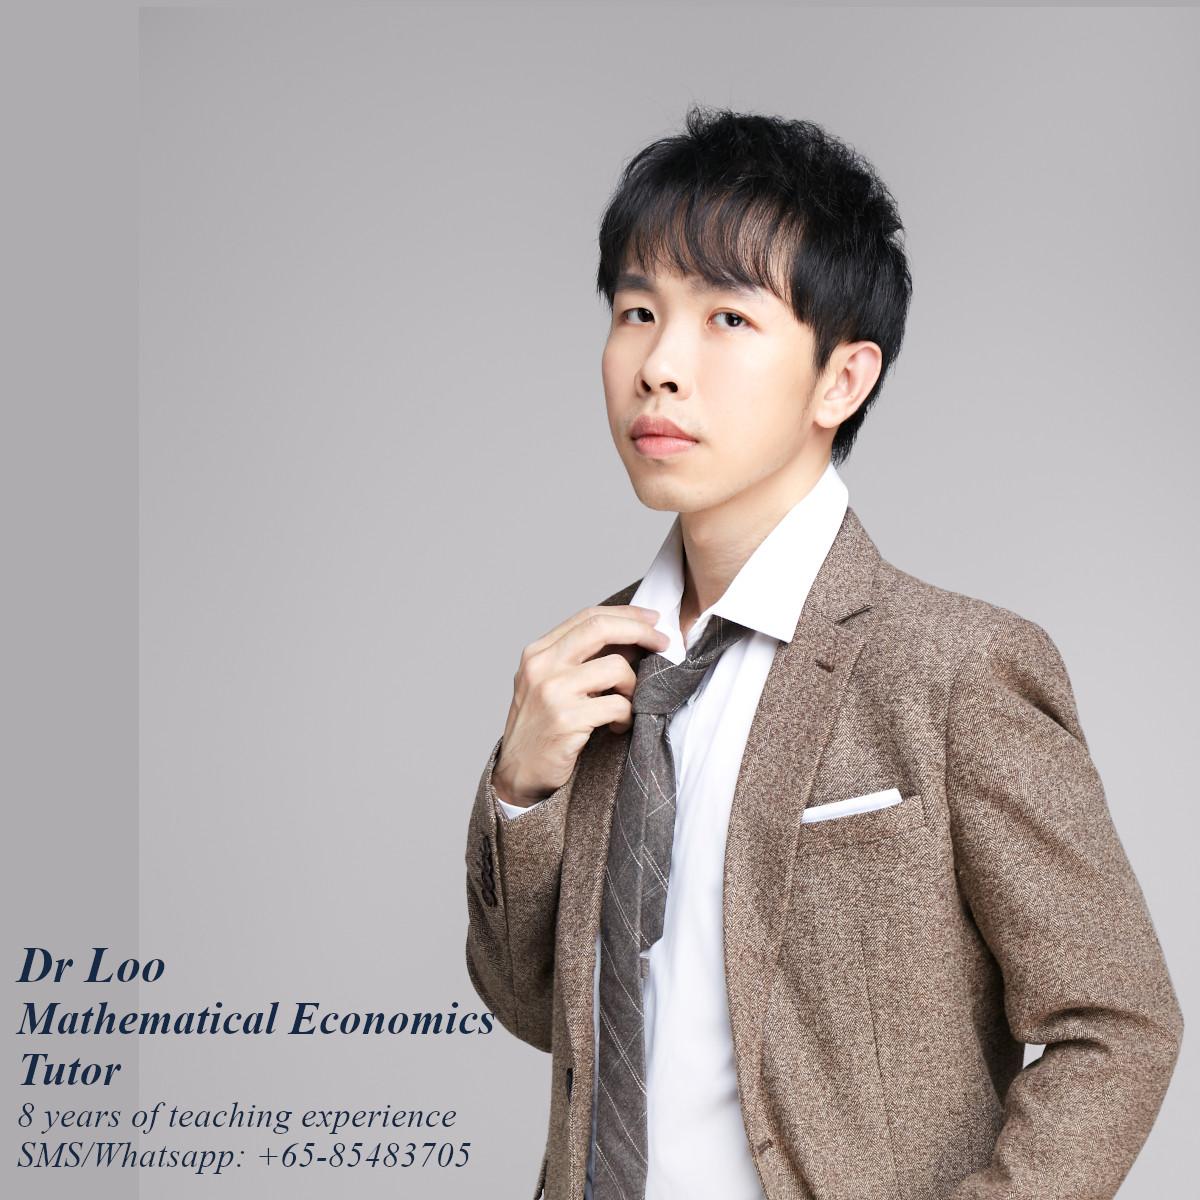 Mathematical Economics Tutor in Singapore